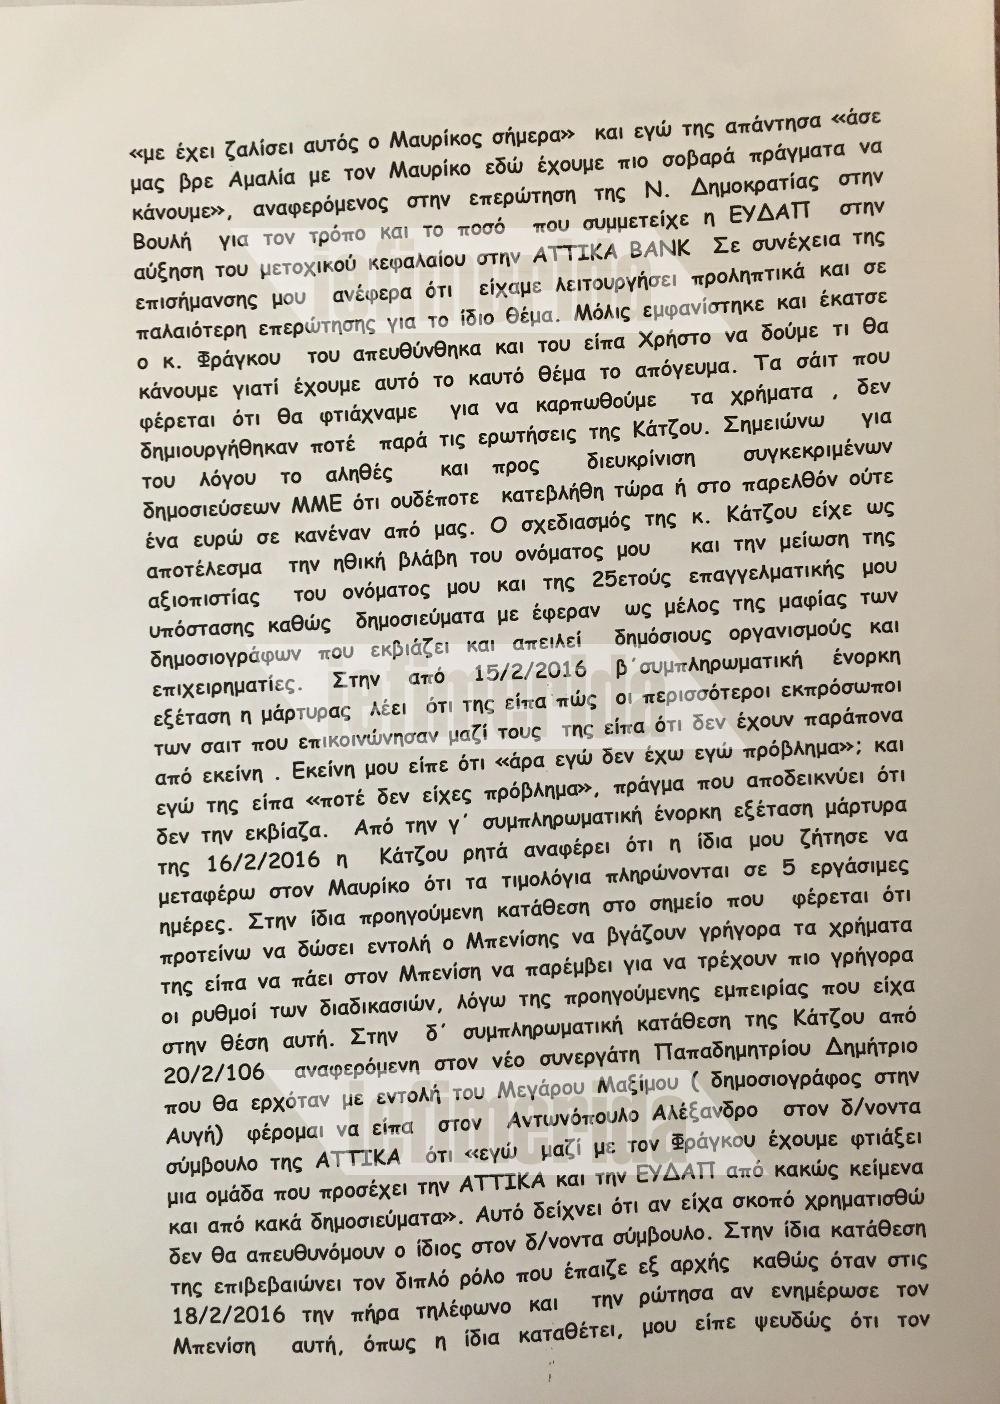 Απολογια Μουσσά - κύκλωμα εκβιαστών δημοσιογράφων